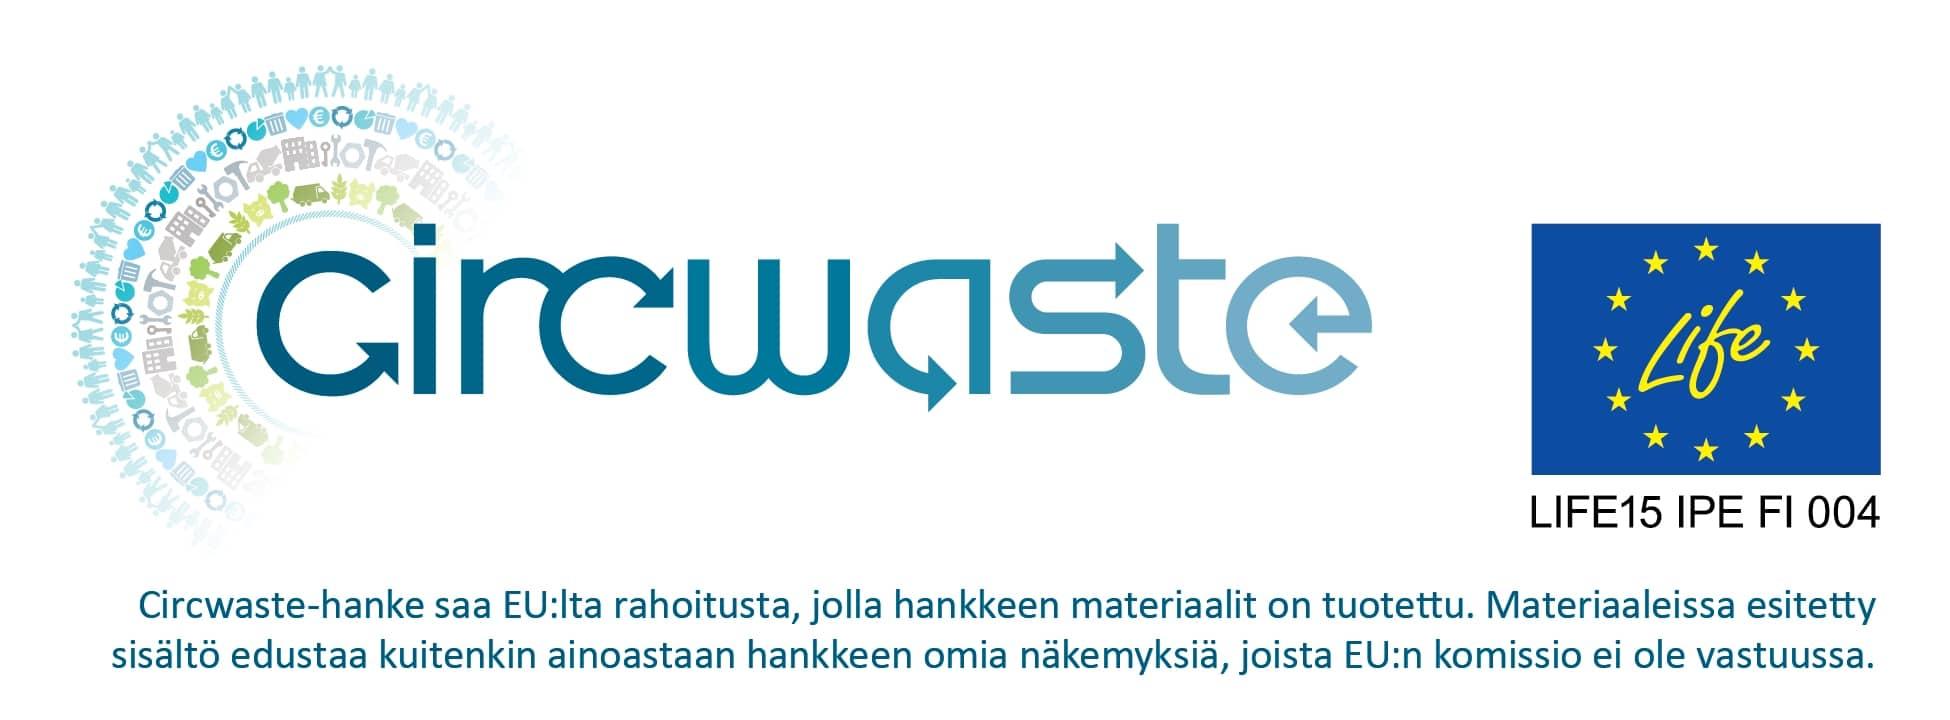 Kuva: Hankkeen logo